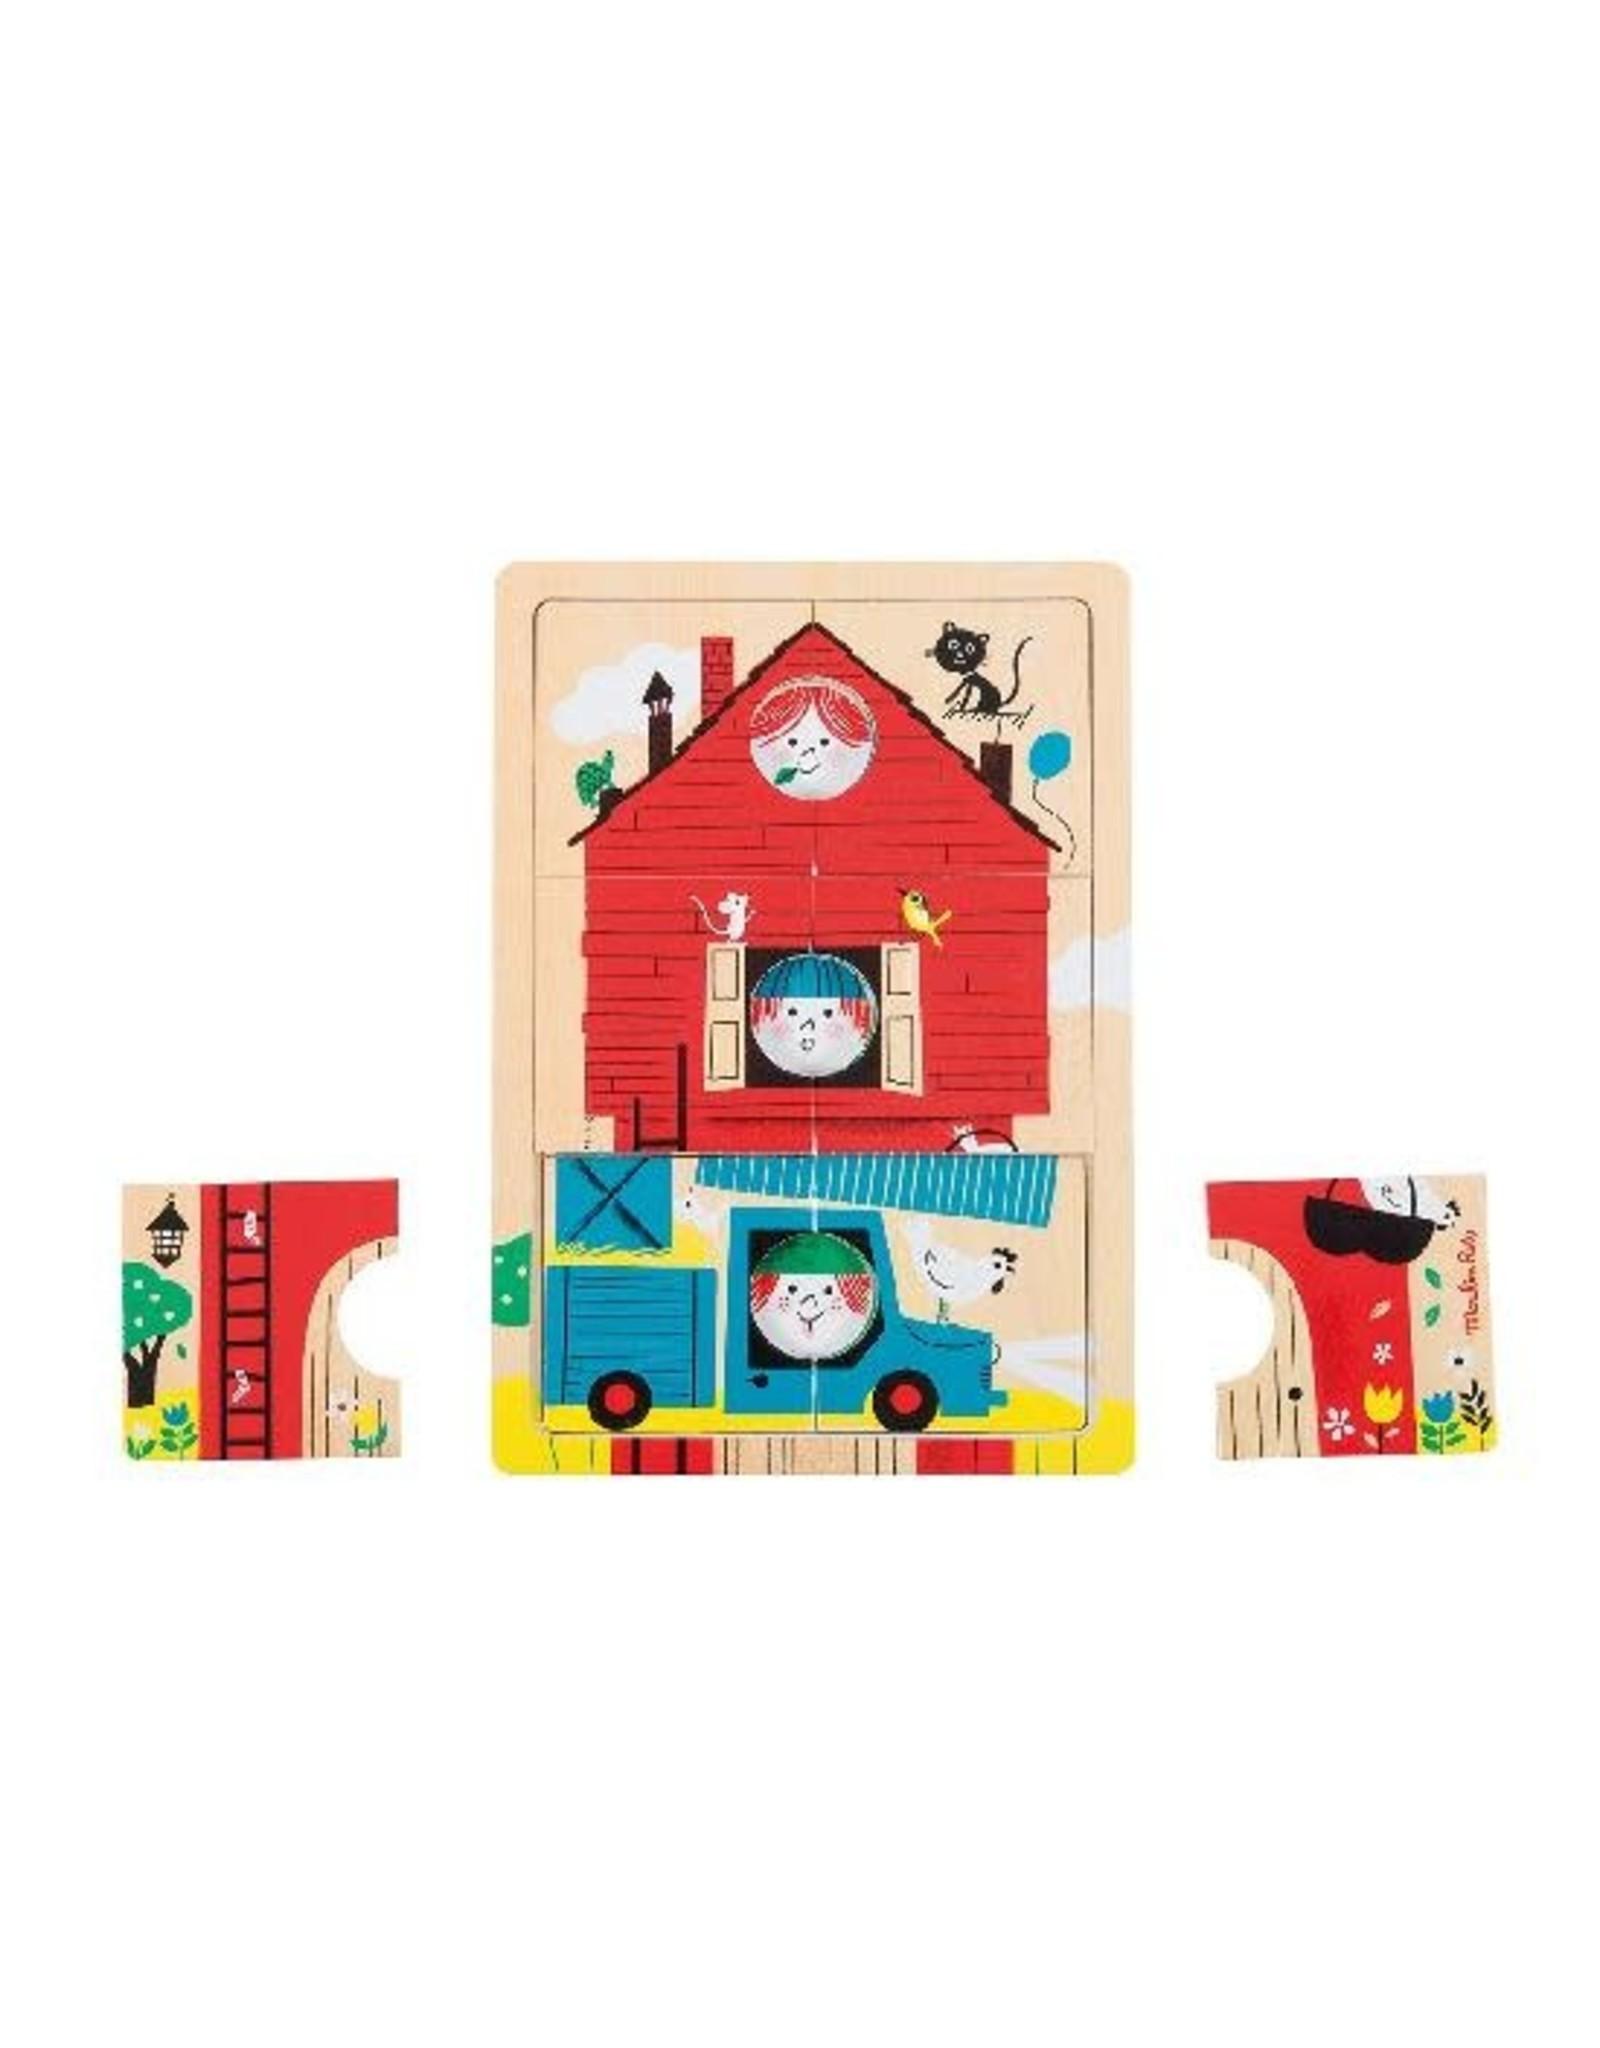 Moulin Roty 123 C'est Nous Wooden Layer Puzzle